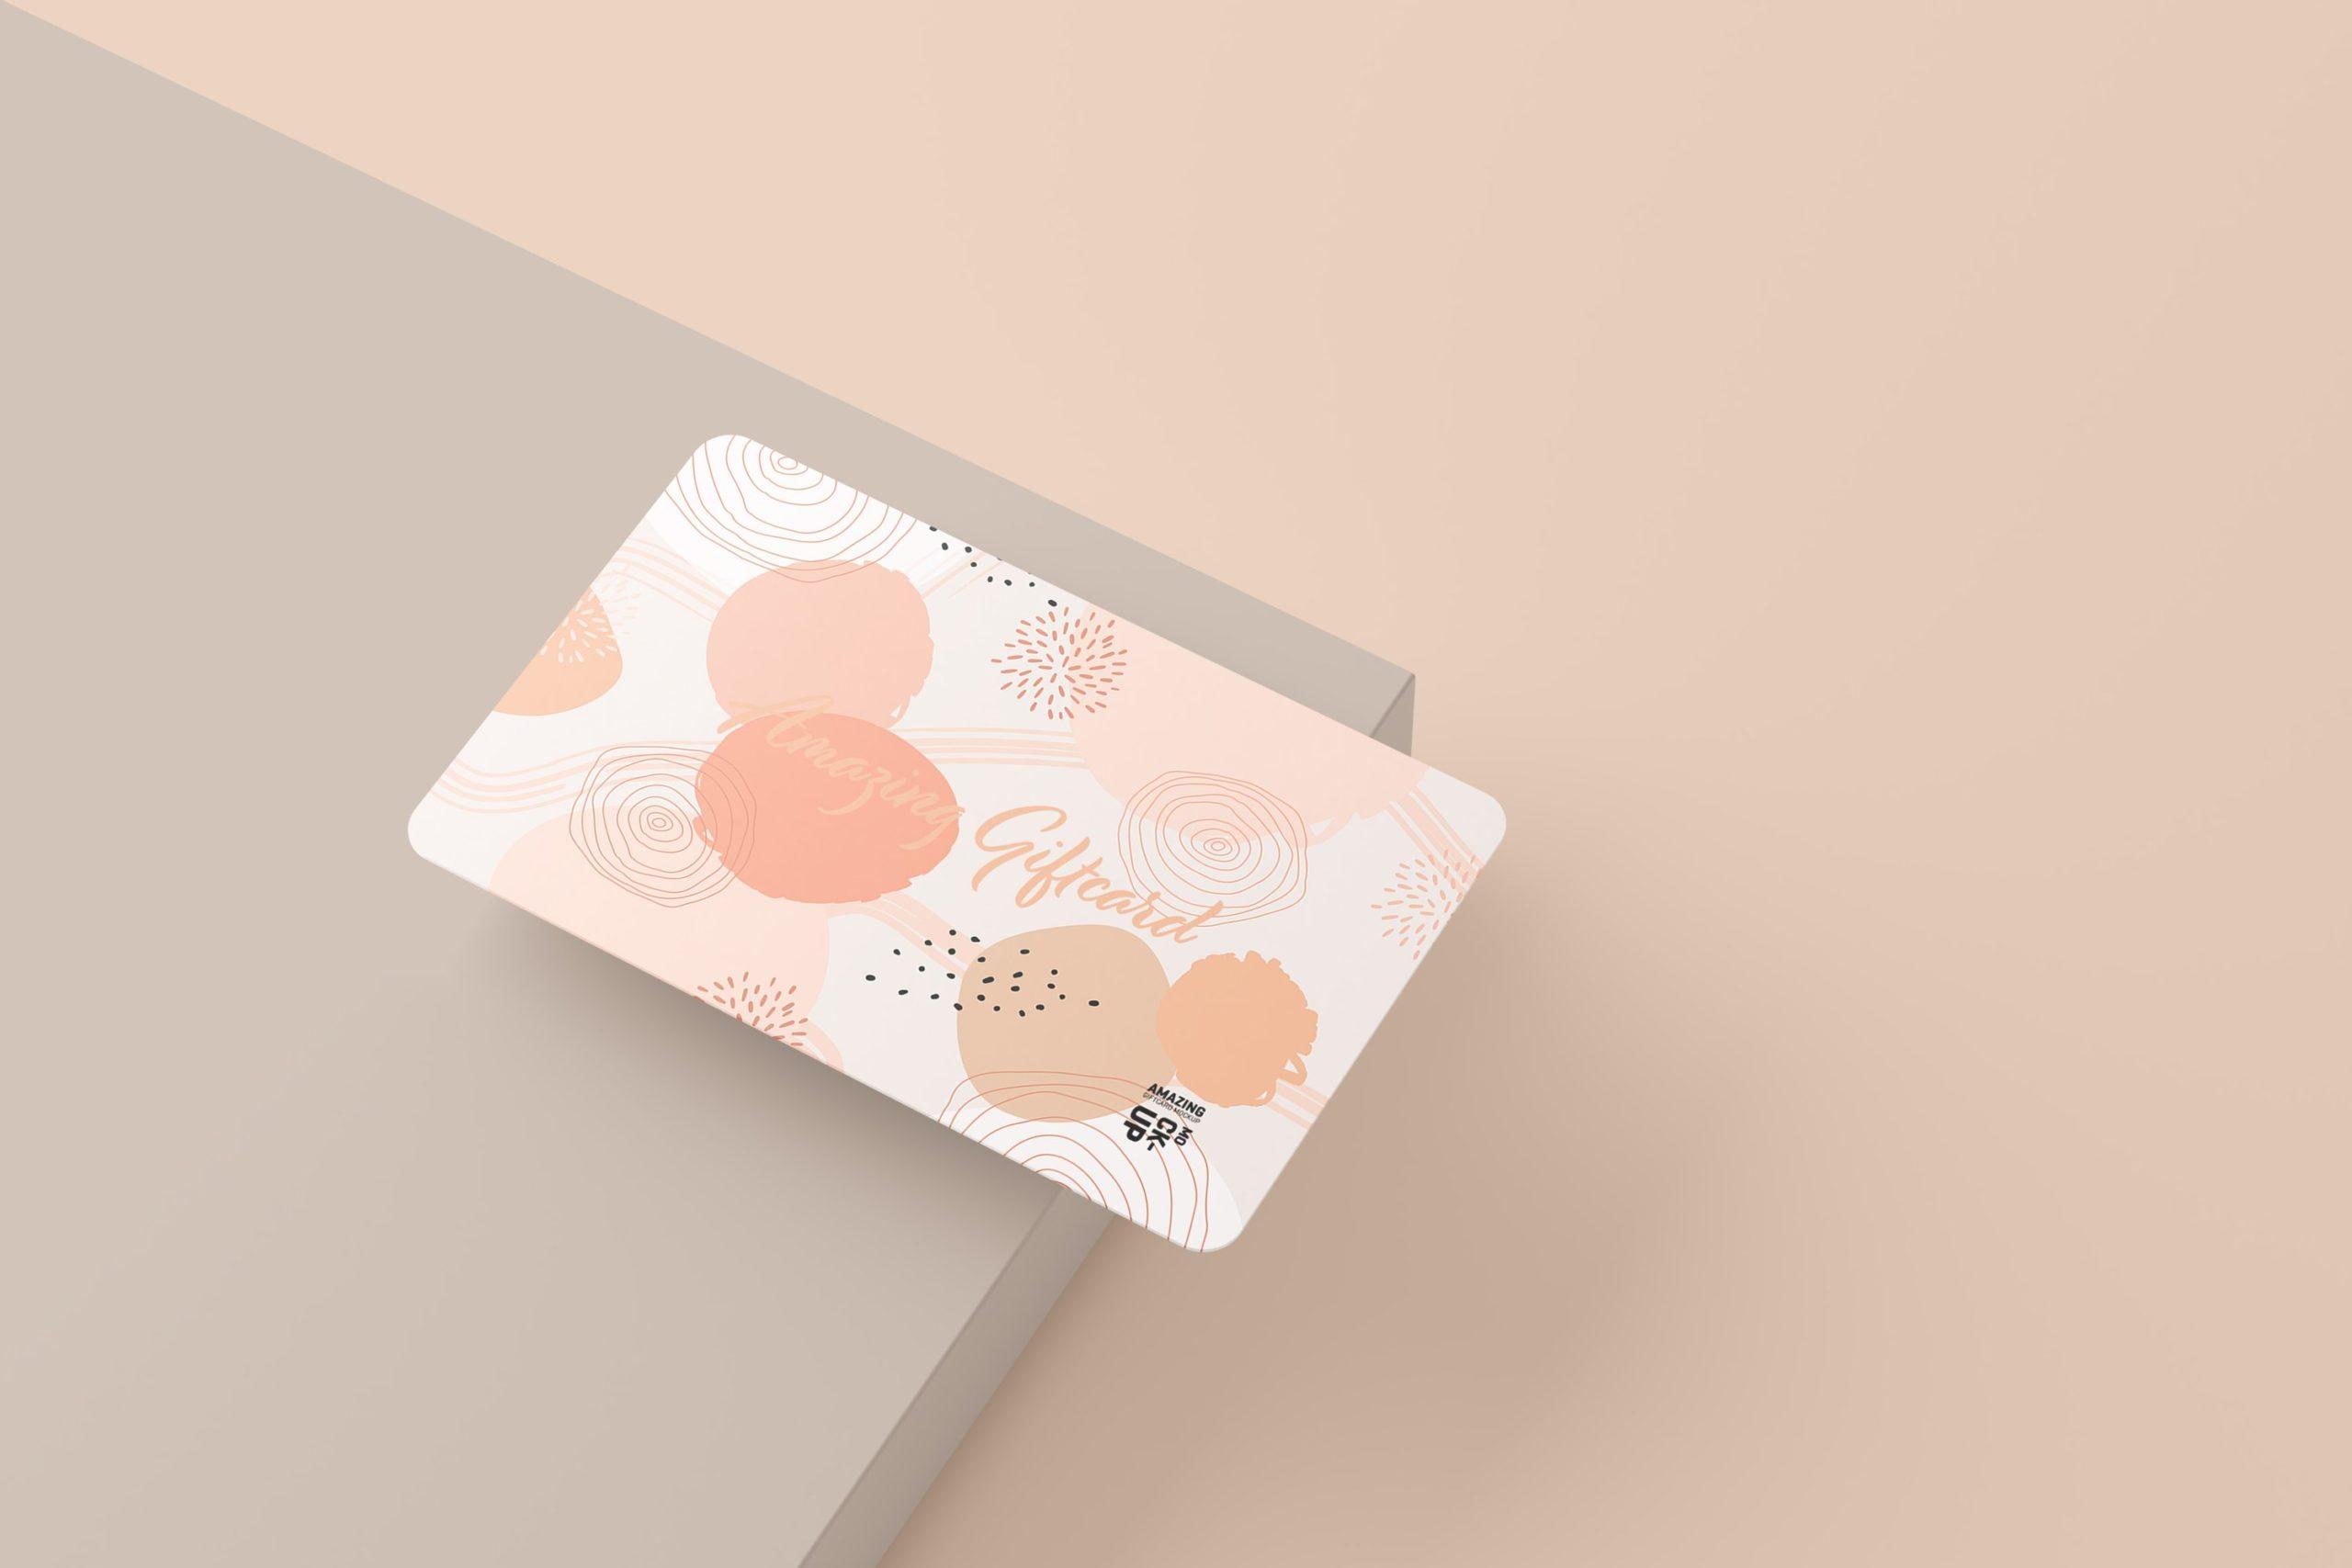 11款名片礼品卡设计展示贴图样机模板 Gift Card Mockup插图7